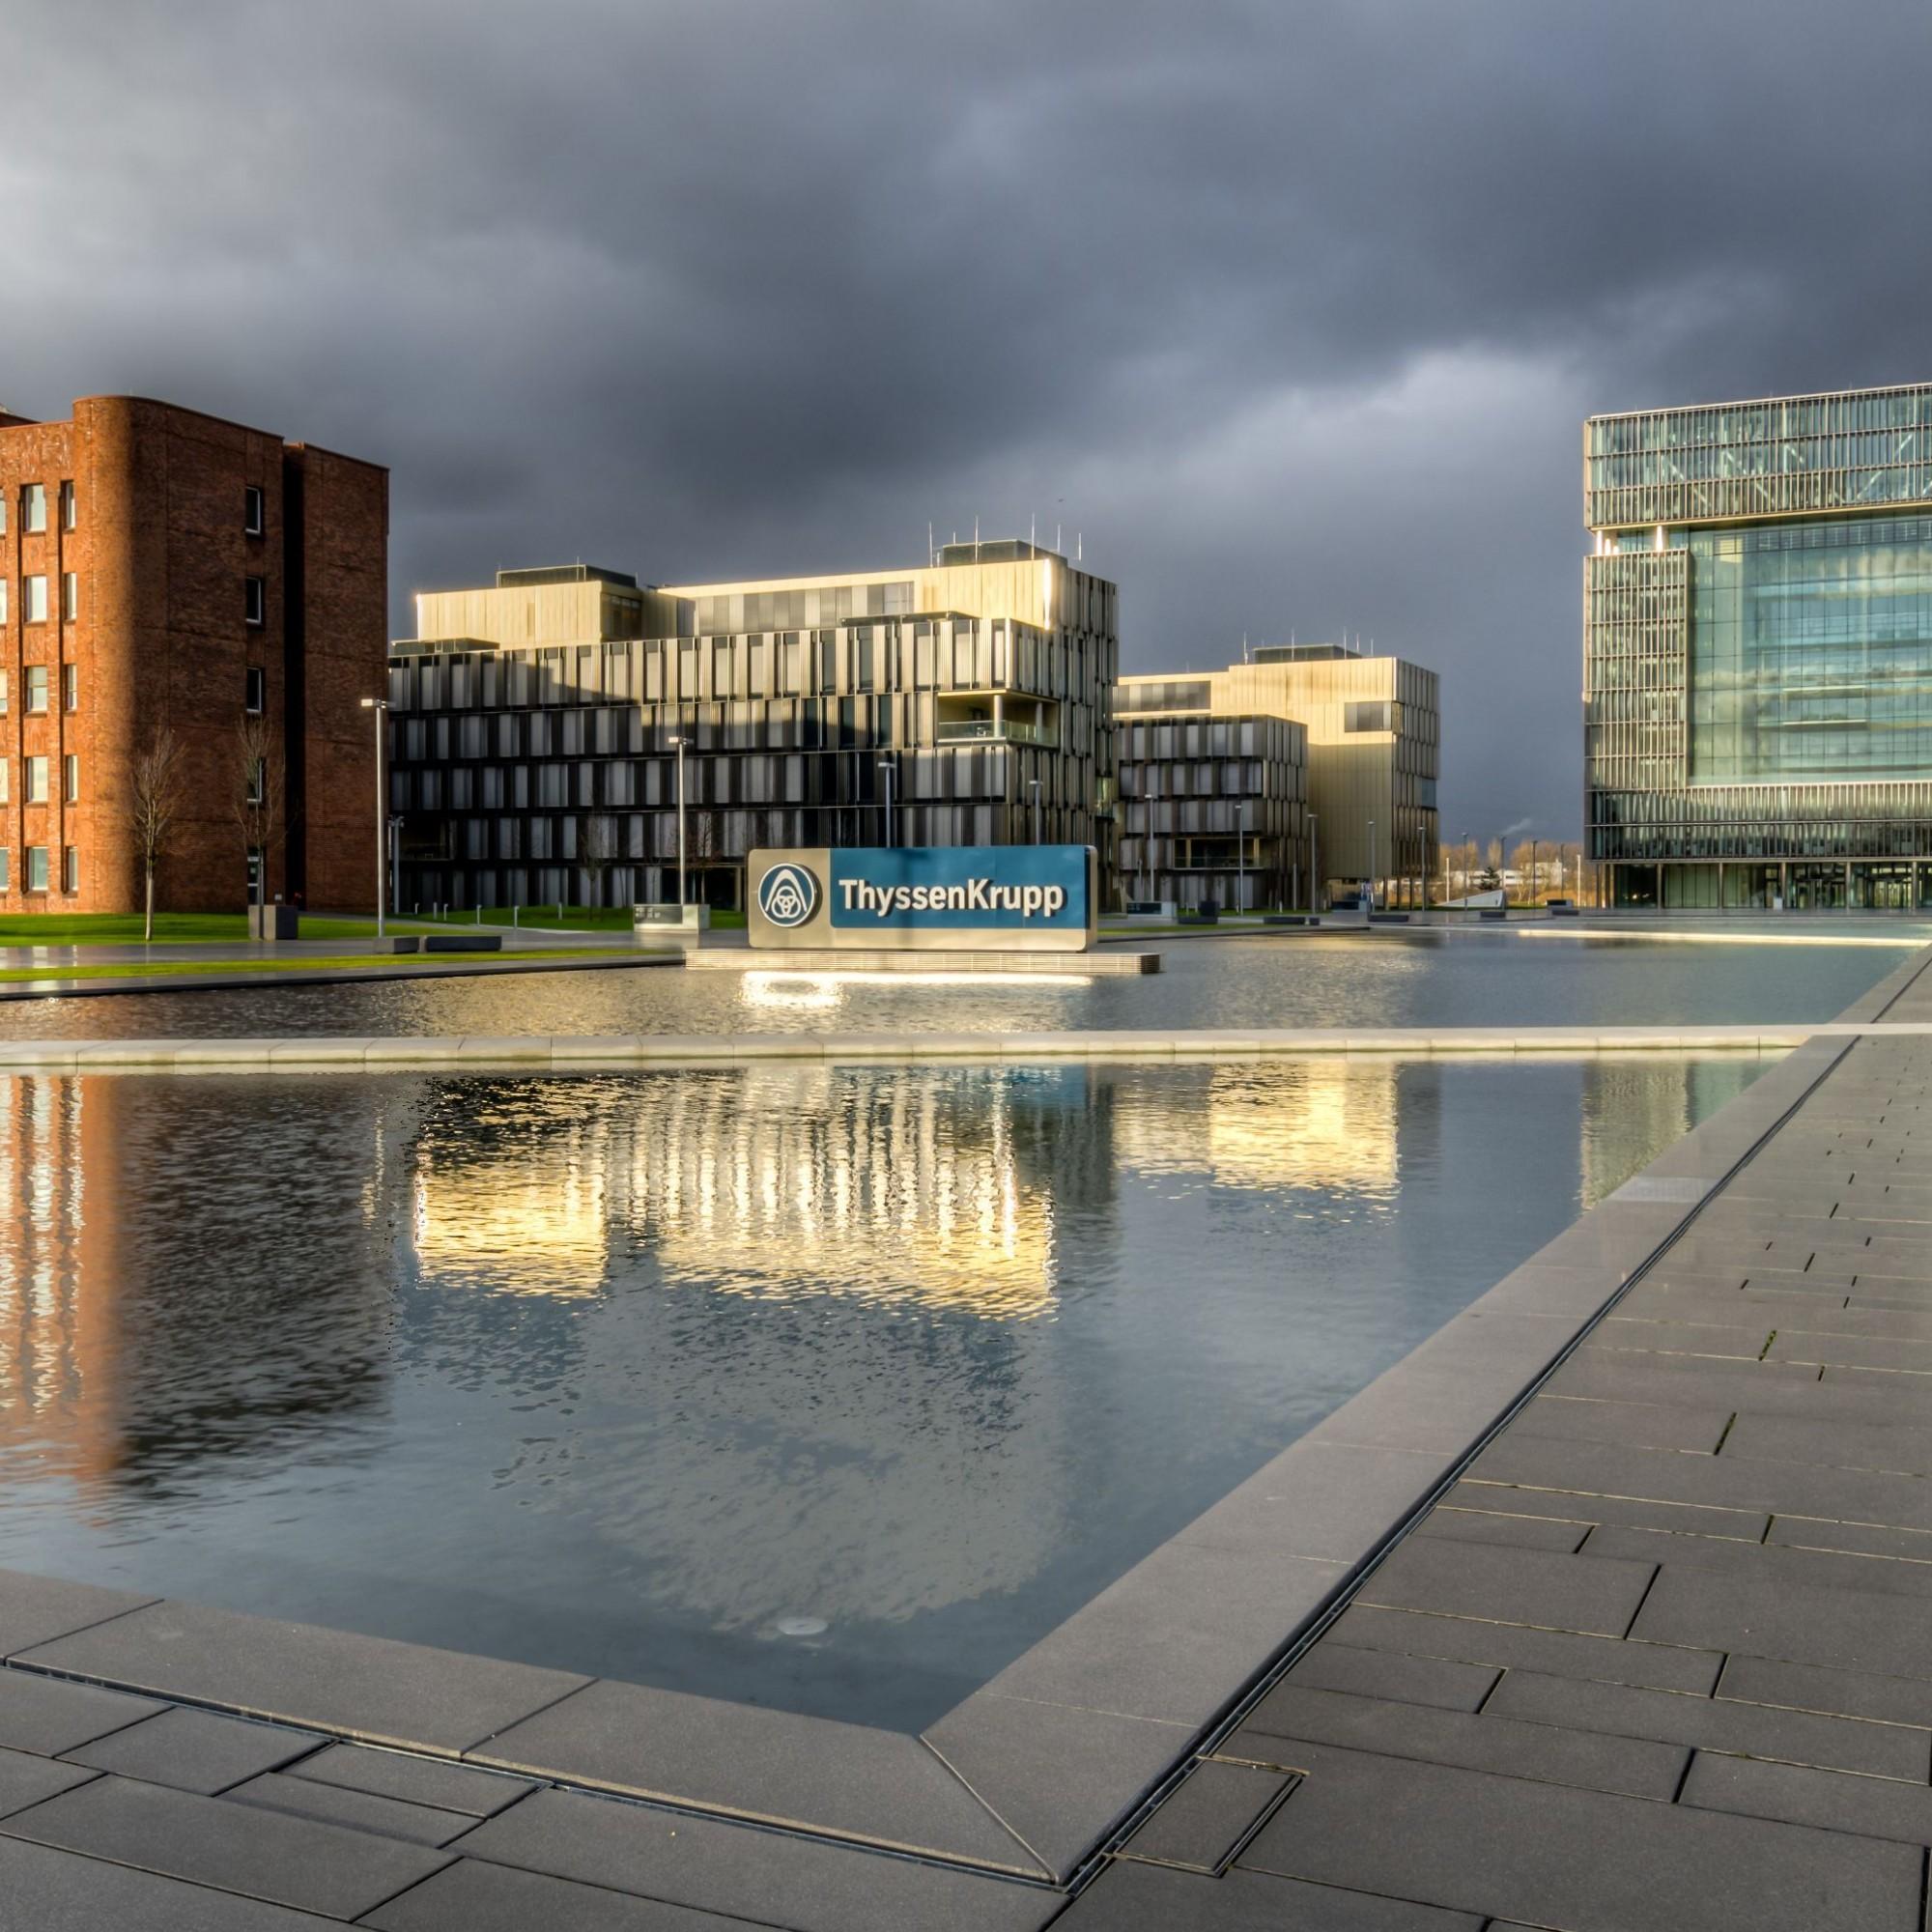 Der Hauptsitz von Thyssenkrupp in Essen.